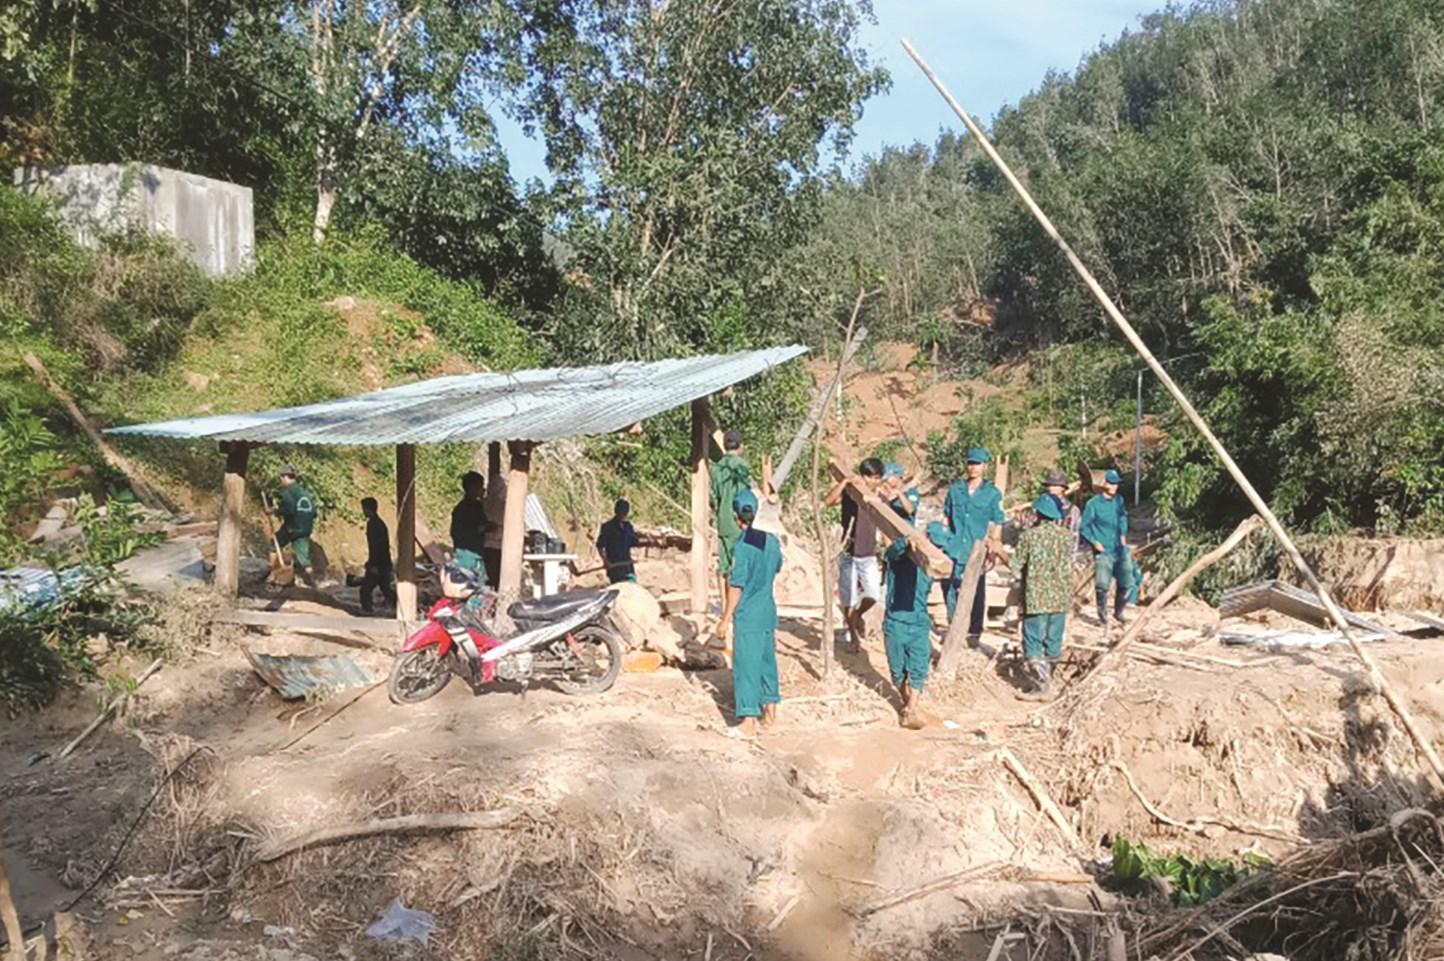 Bí thư Chi bộ Phạm Xuân Nghĩa huy động hàng chục dân quân, thanh niên trong làng giúp làm lại nhà ở cho hộ dân bị sập nhà tại làng Tắk Ốc.